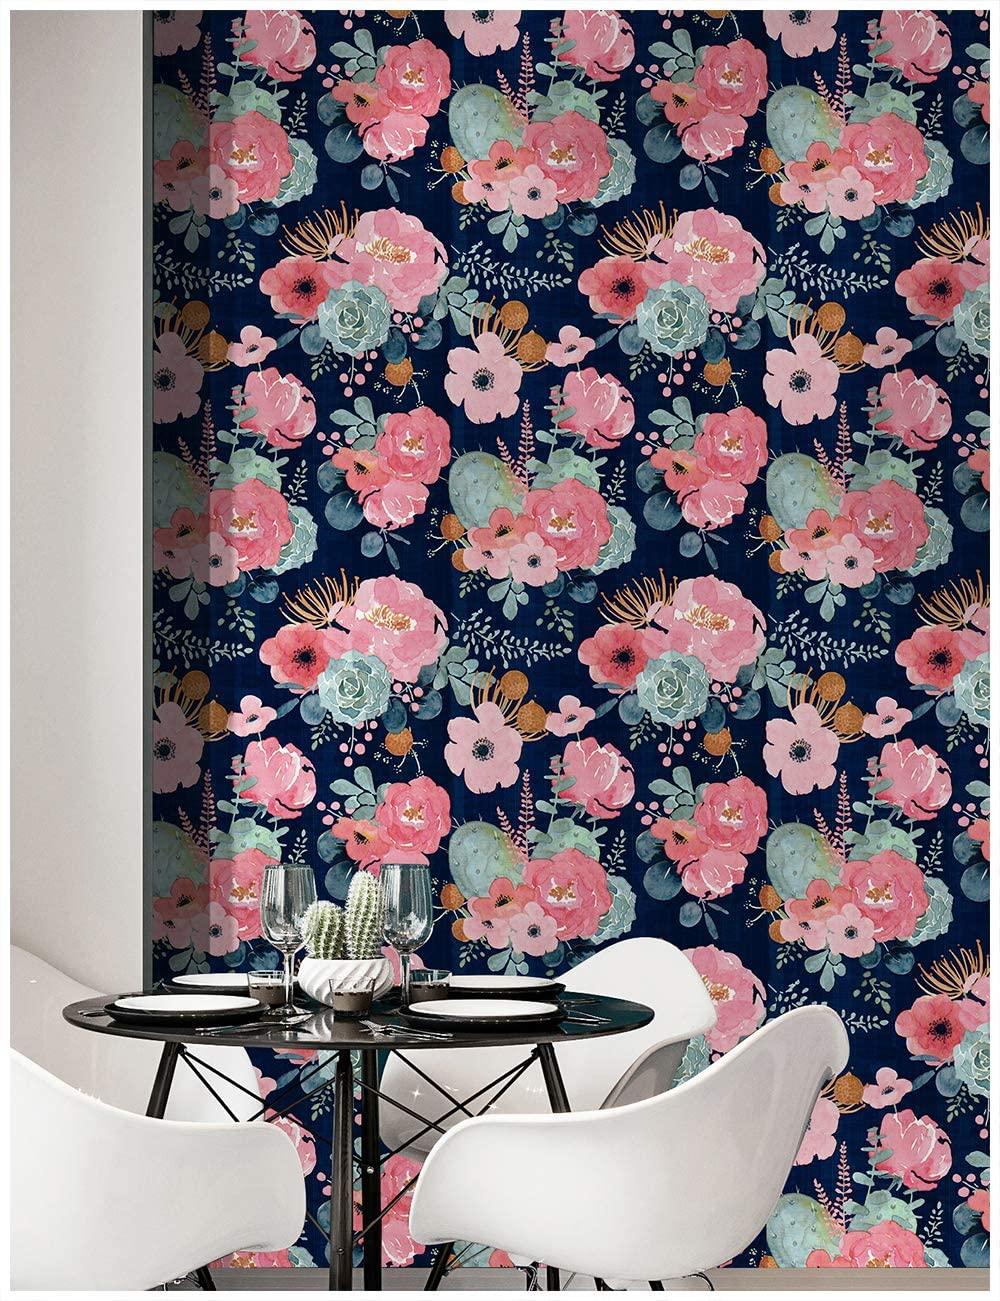 big floral wallpaper idea